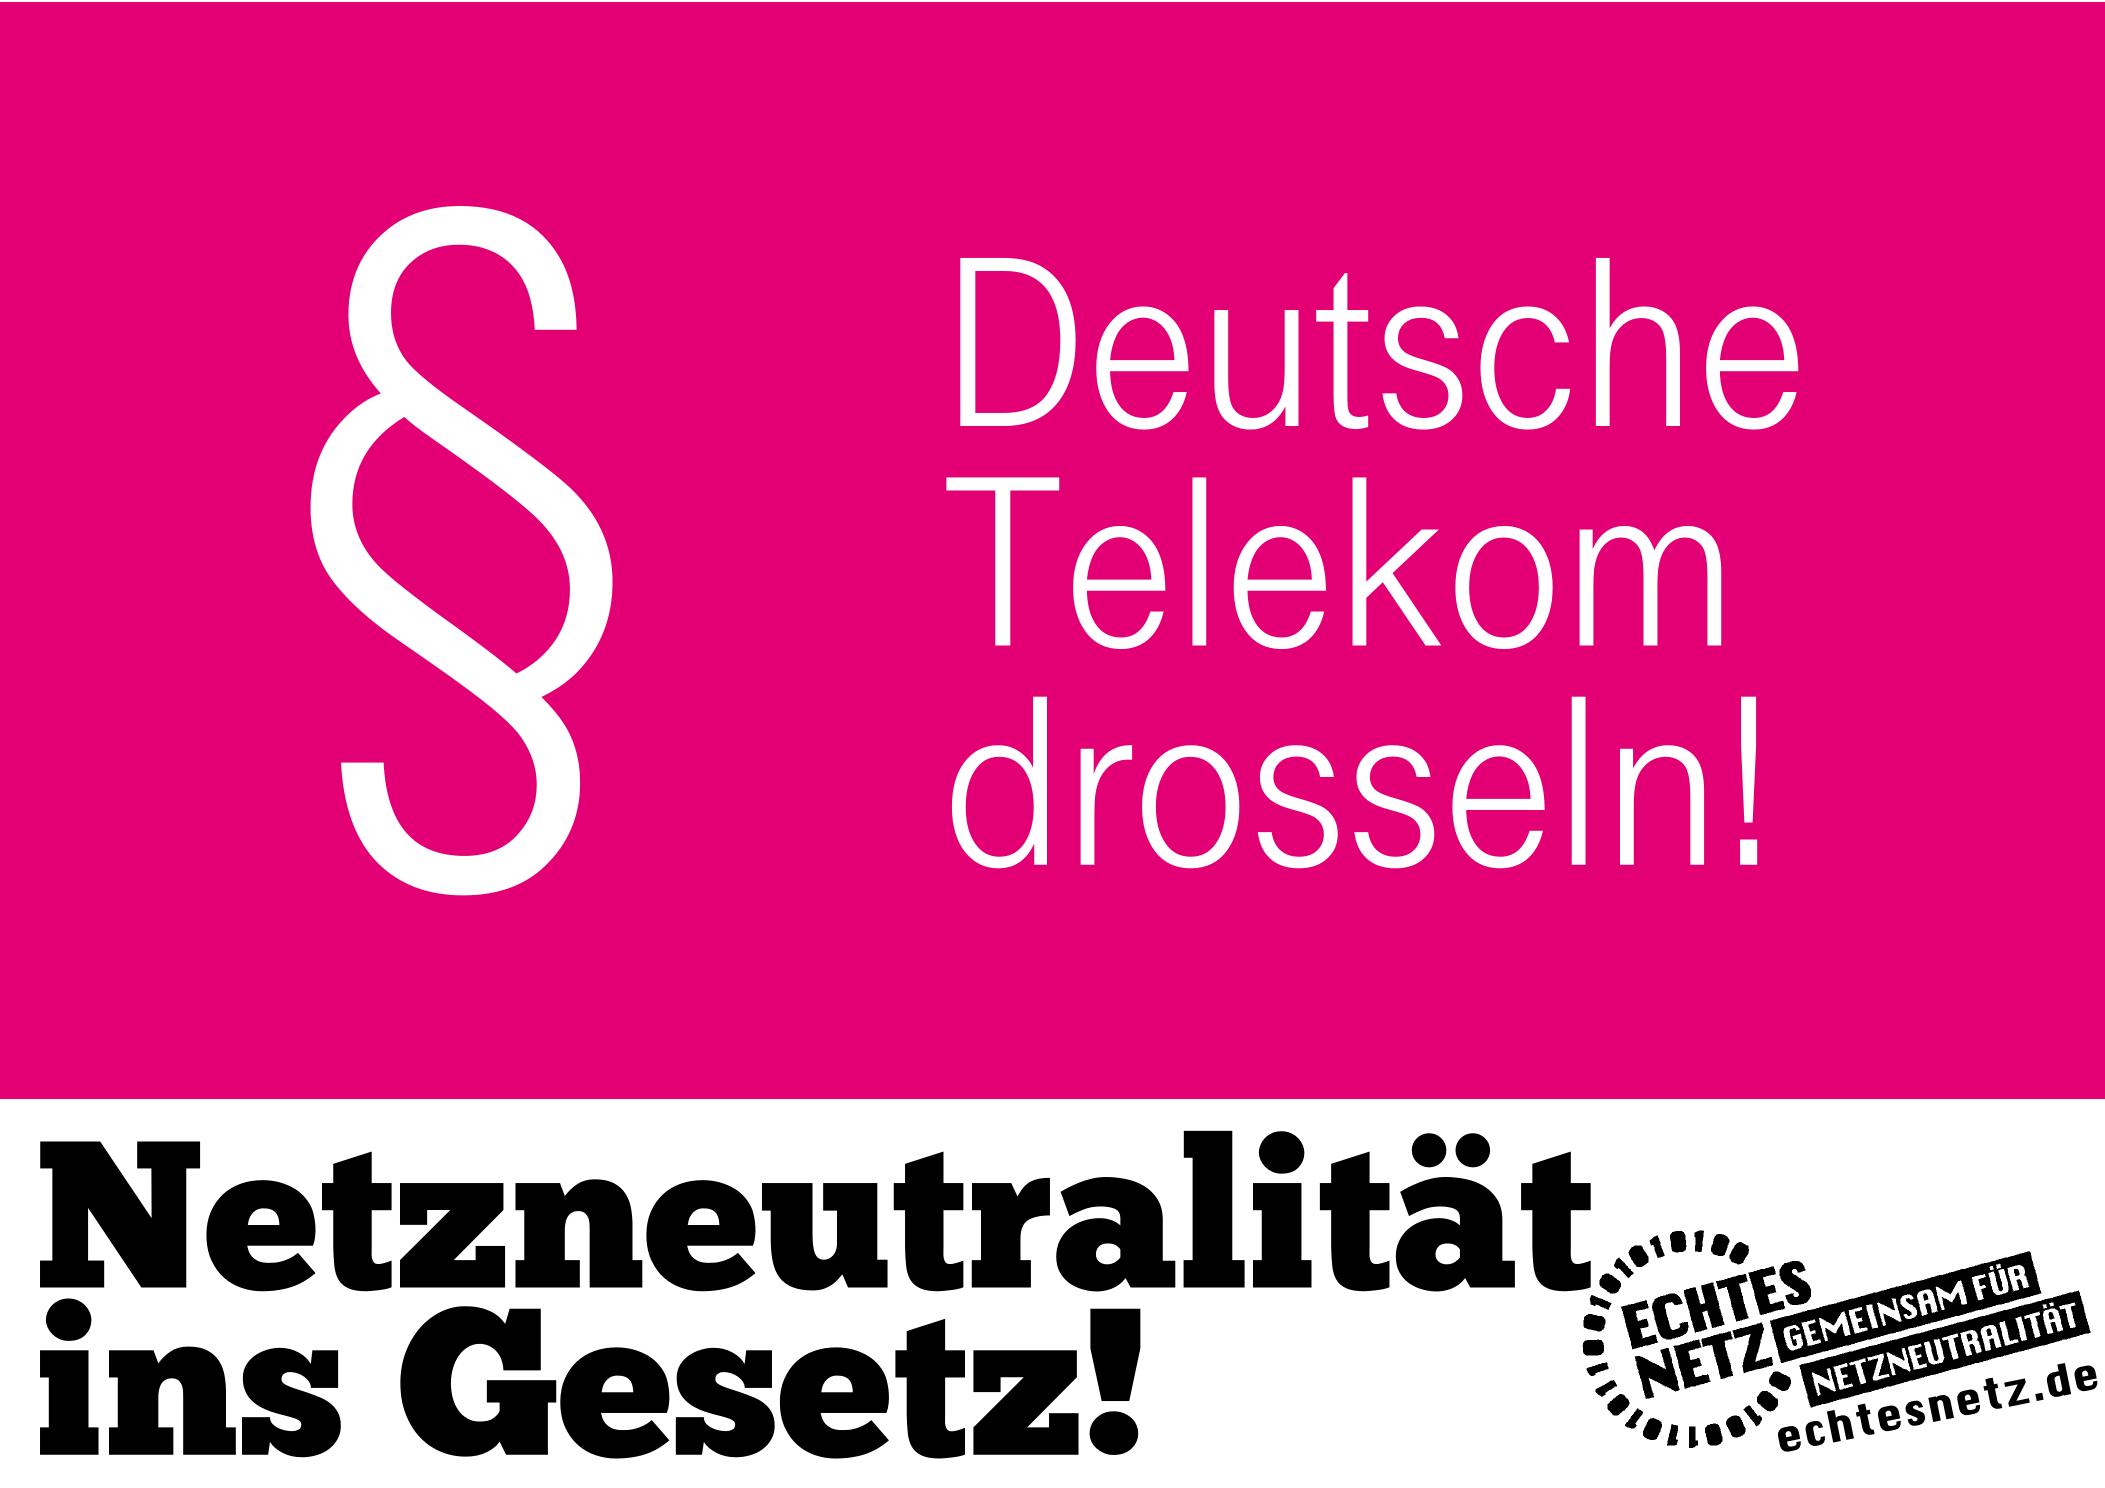 Plakat, echtesnetz.de